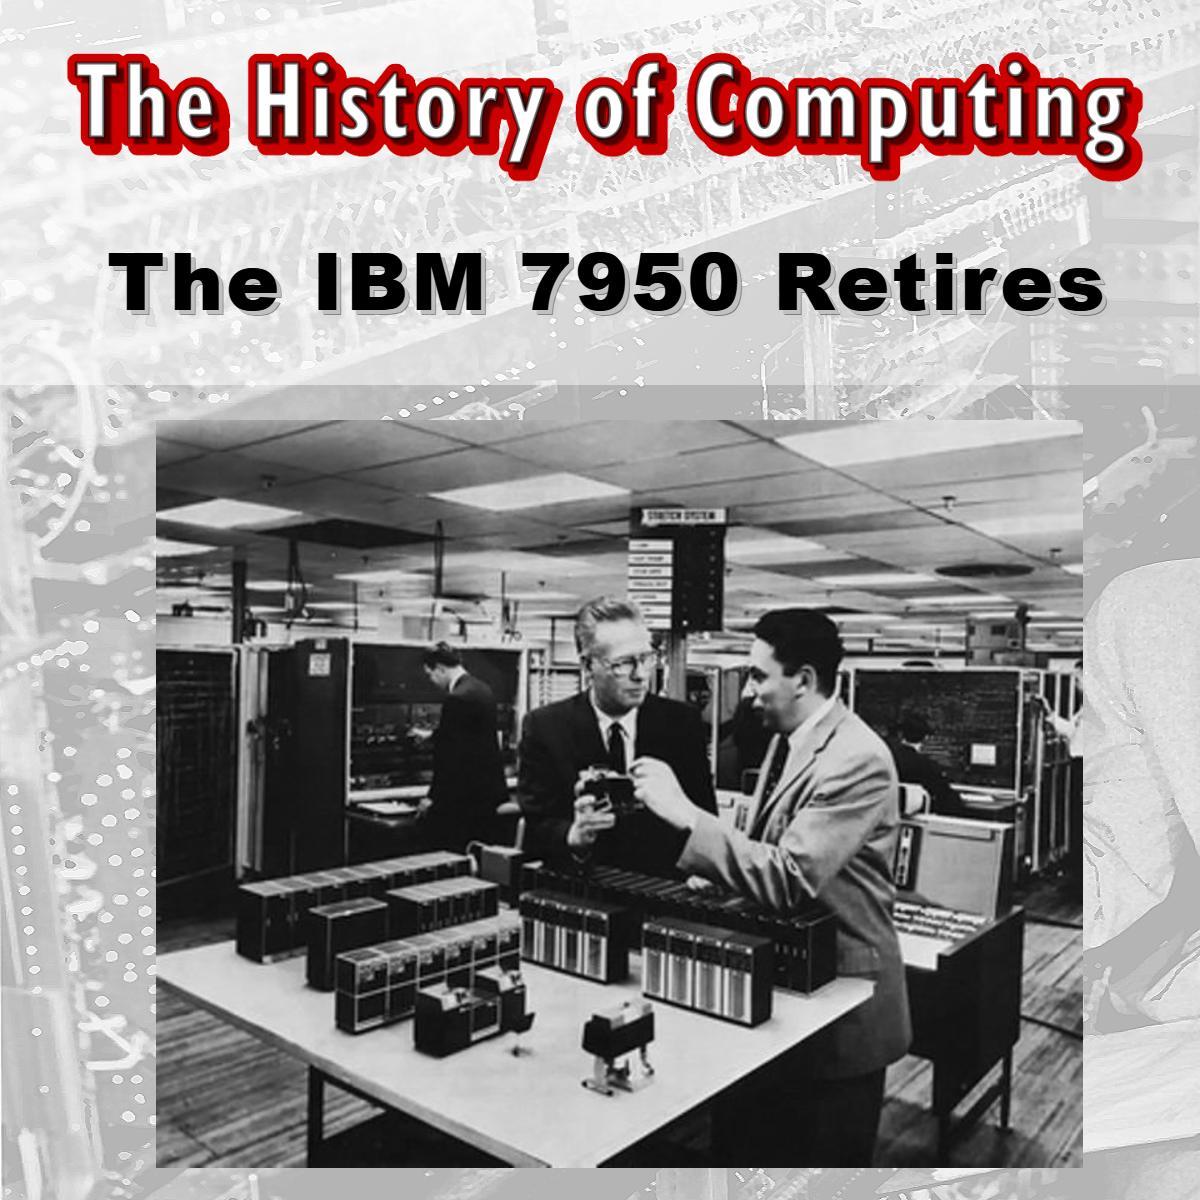 The IBM 7950 retires